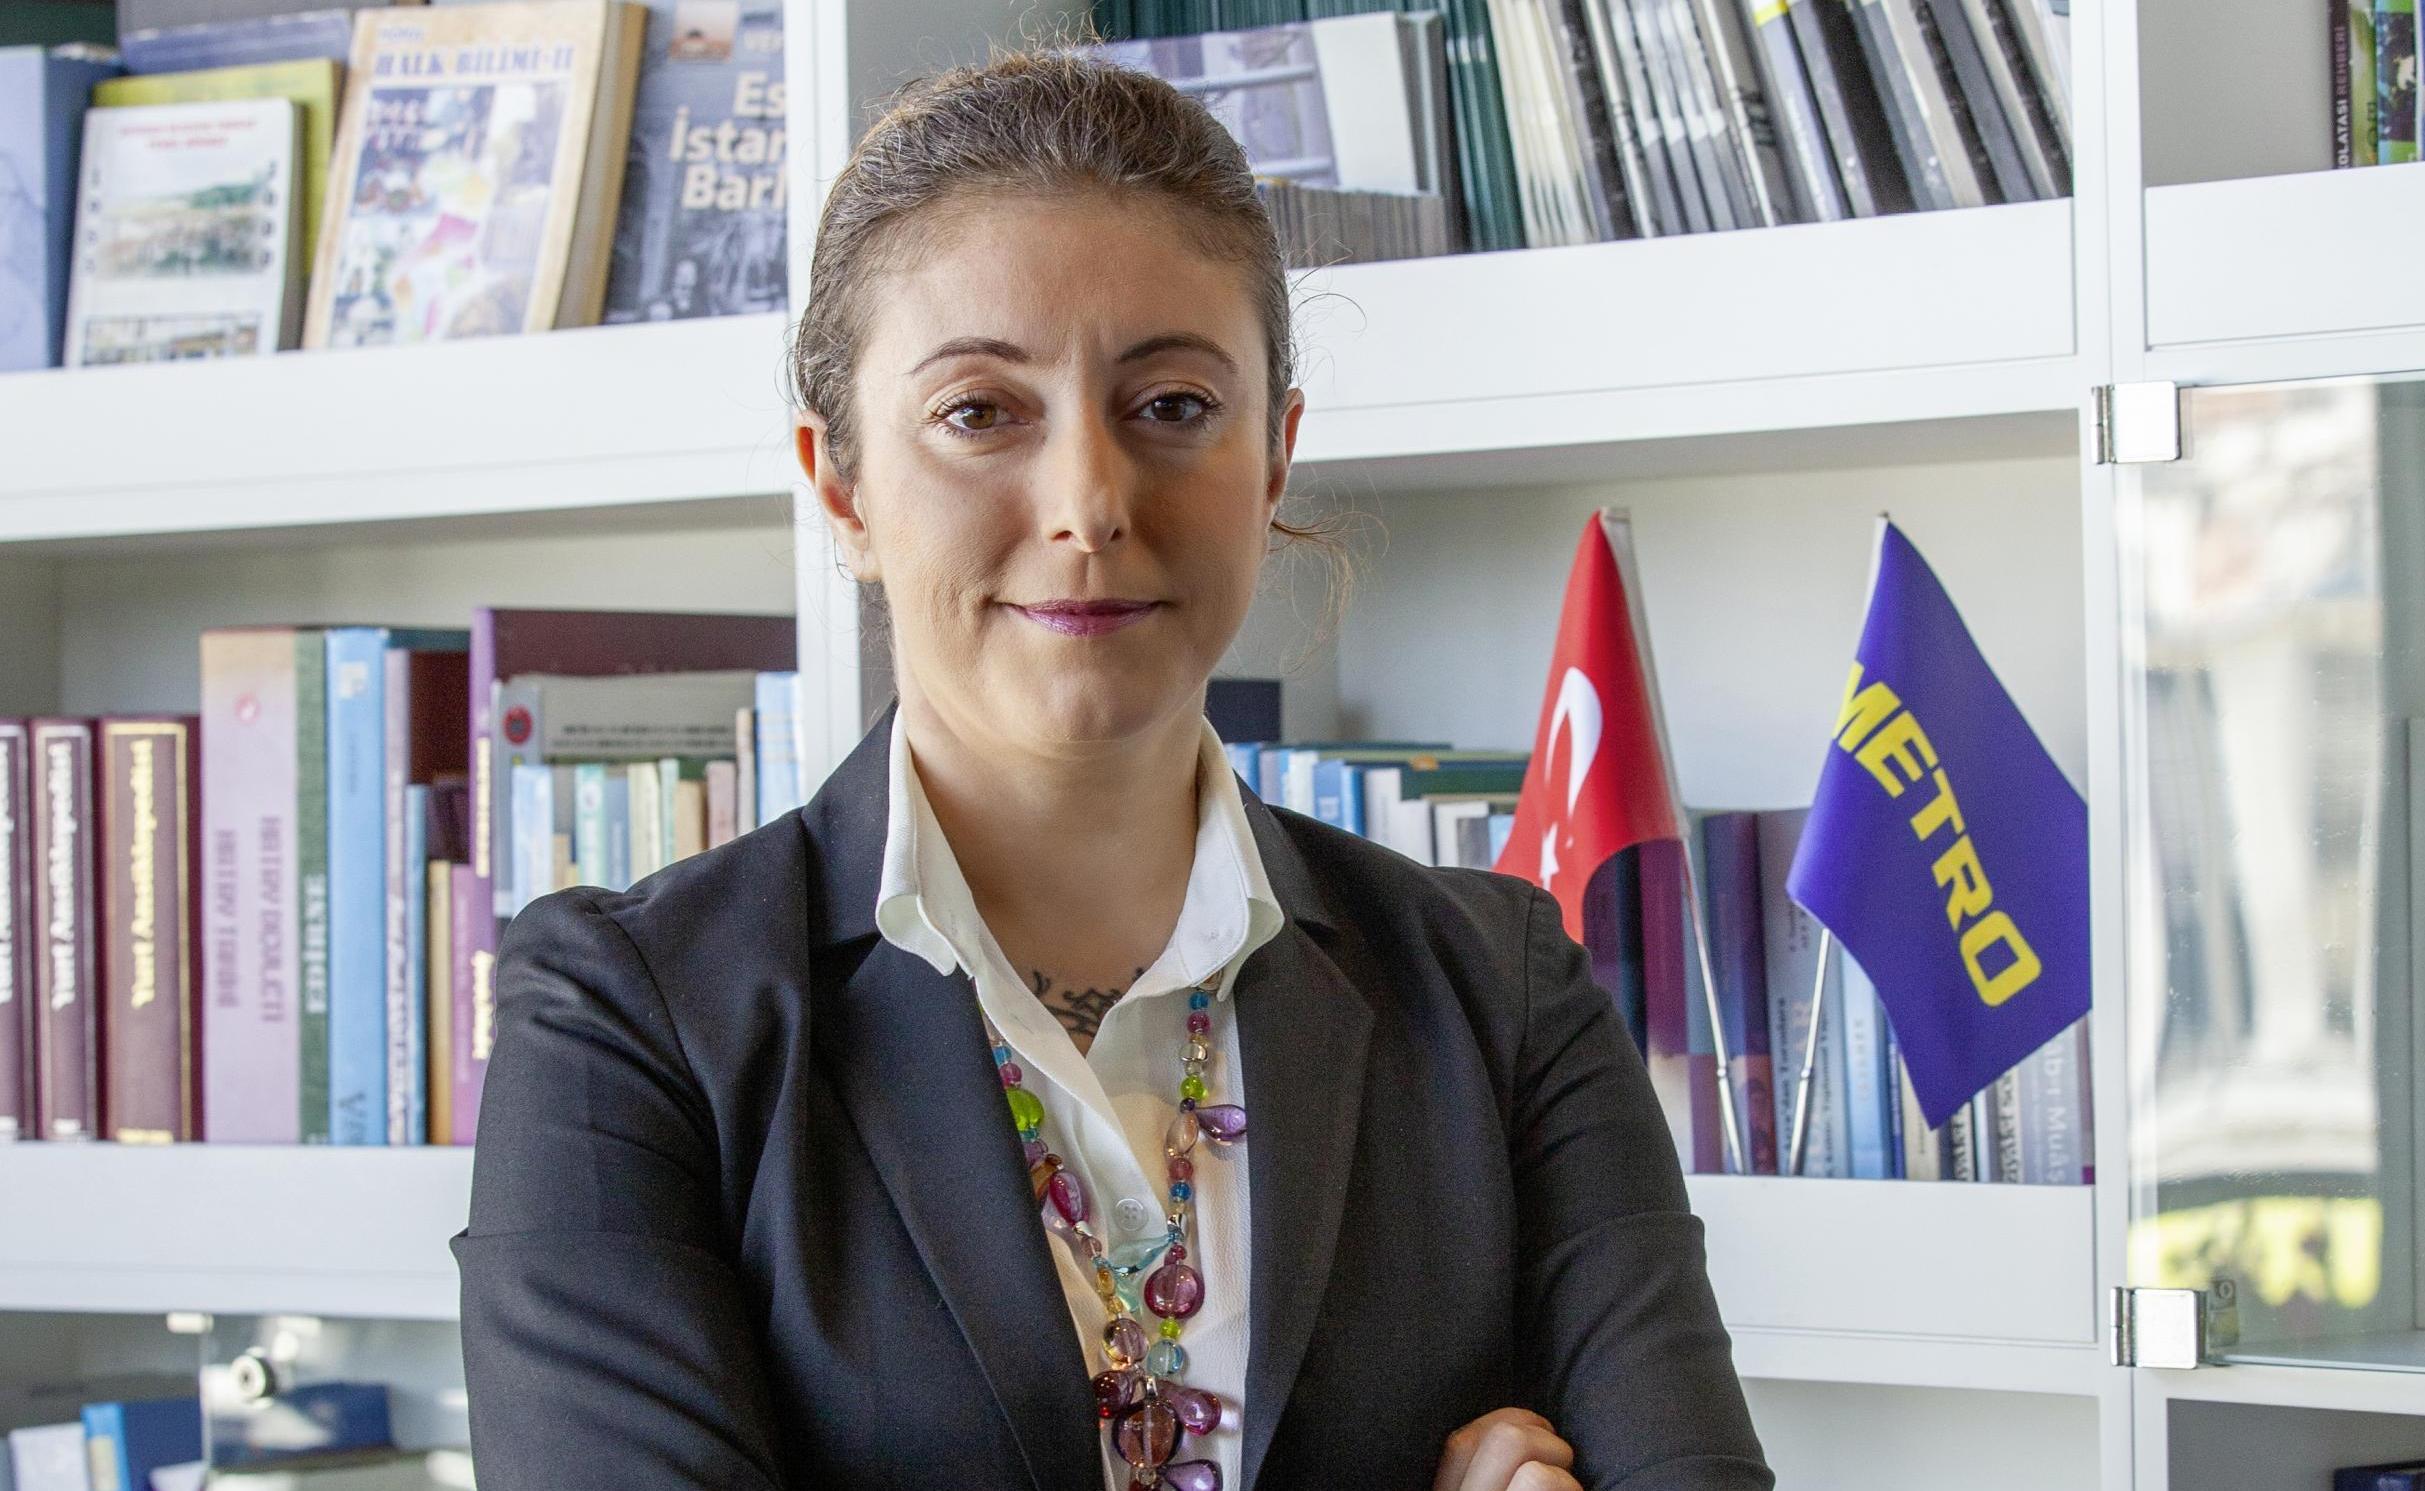 METRO TÜRKİYE'DE CEO'LUK GÖREVİNE SİNEM TÜRÜNG GETİRİLDİ